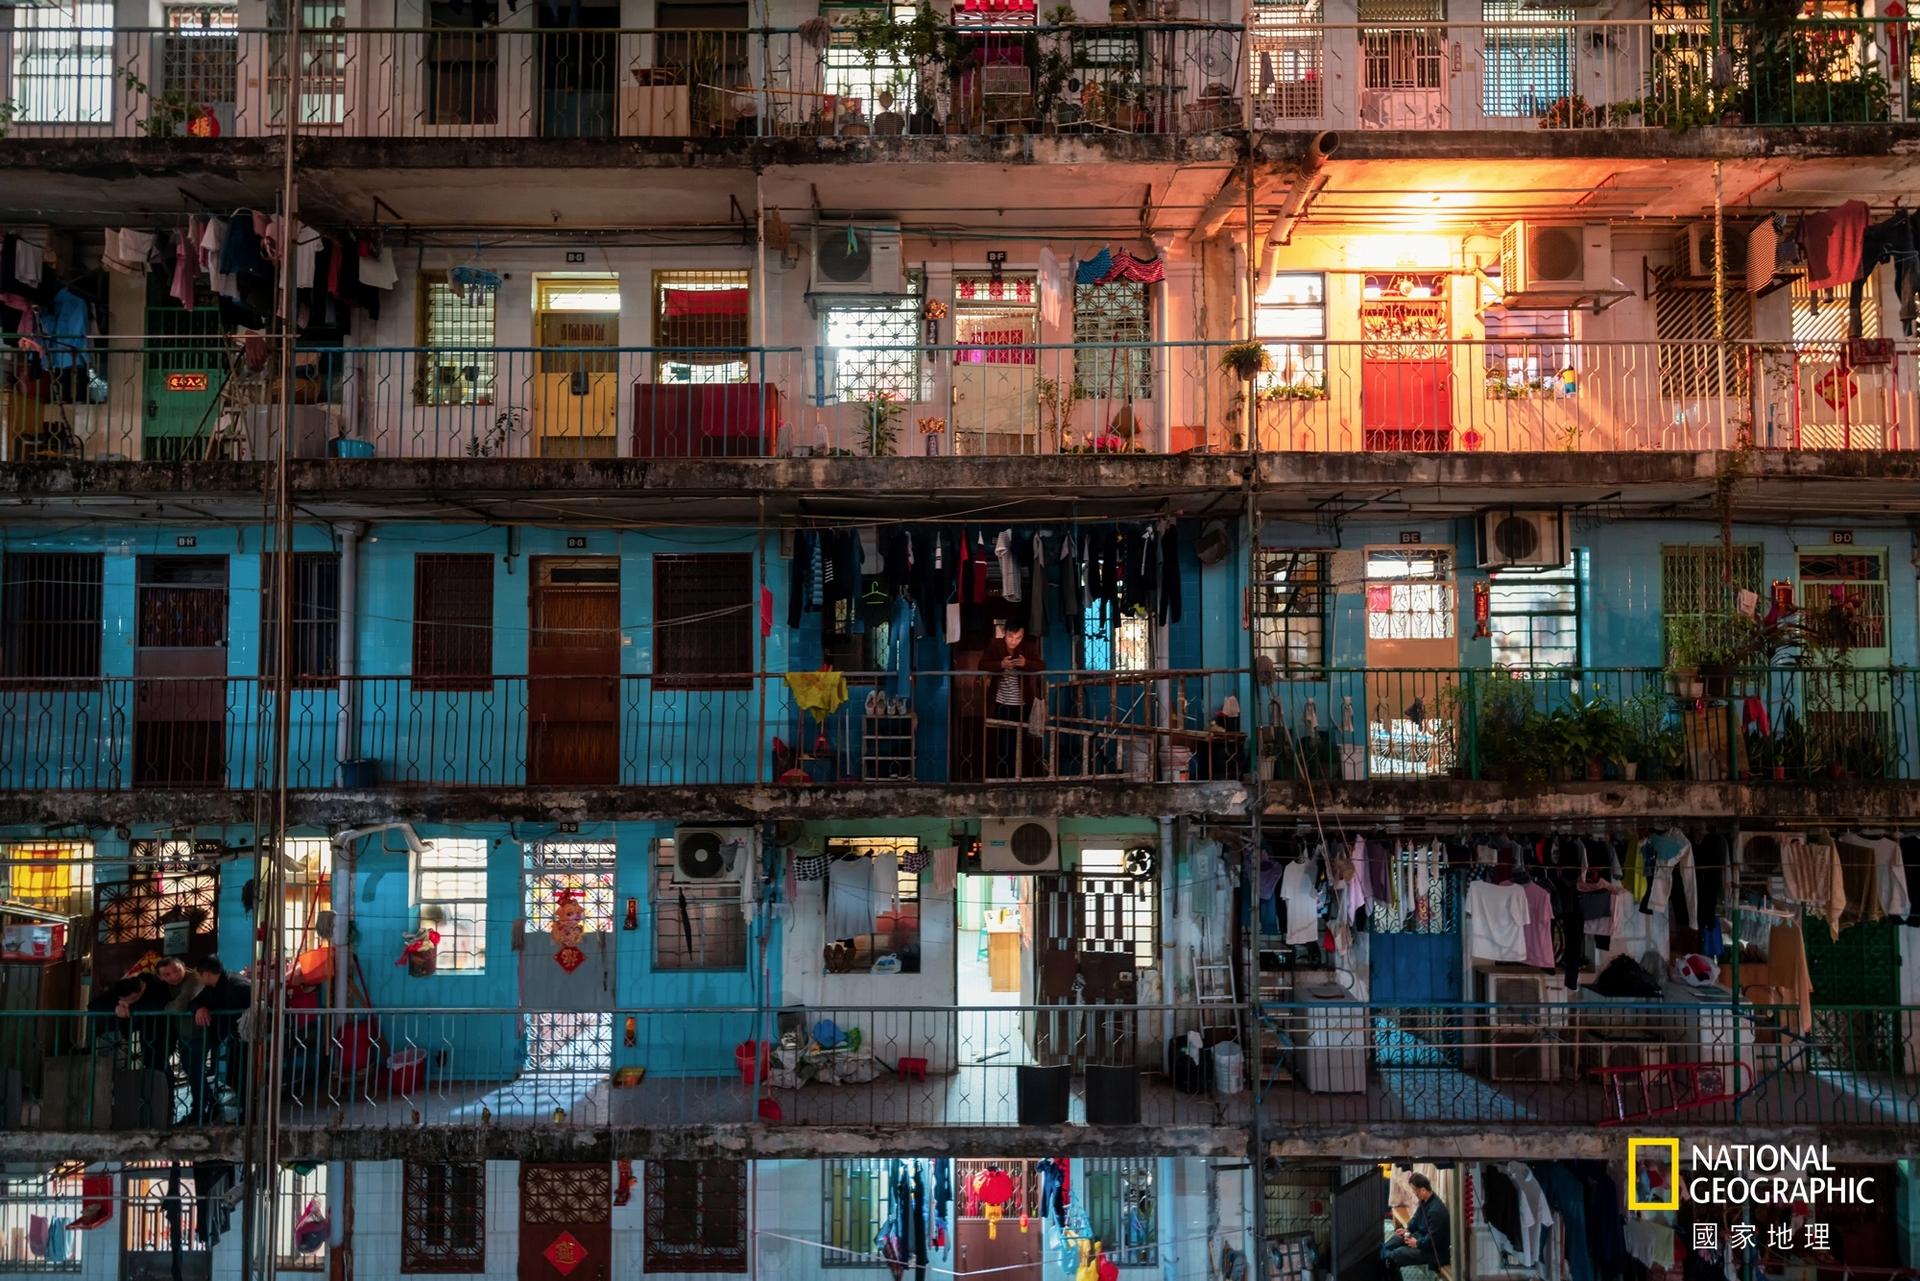 青少年組冠軍:家園 (攝影:王峻菁)。我的家 ─ 澳門是世界人口密度最高的地區之一,32.8平方公里的陸地,居住著67.2萬人。相片中每一格都可能住著好幾口人,而高密度的住宅建築亦喻示著城市的日趨擁擠和所謂的「新型全球生活方式」。